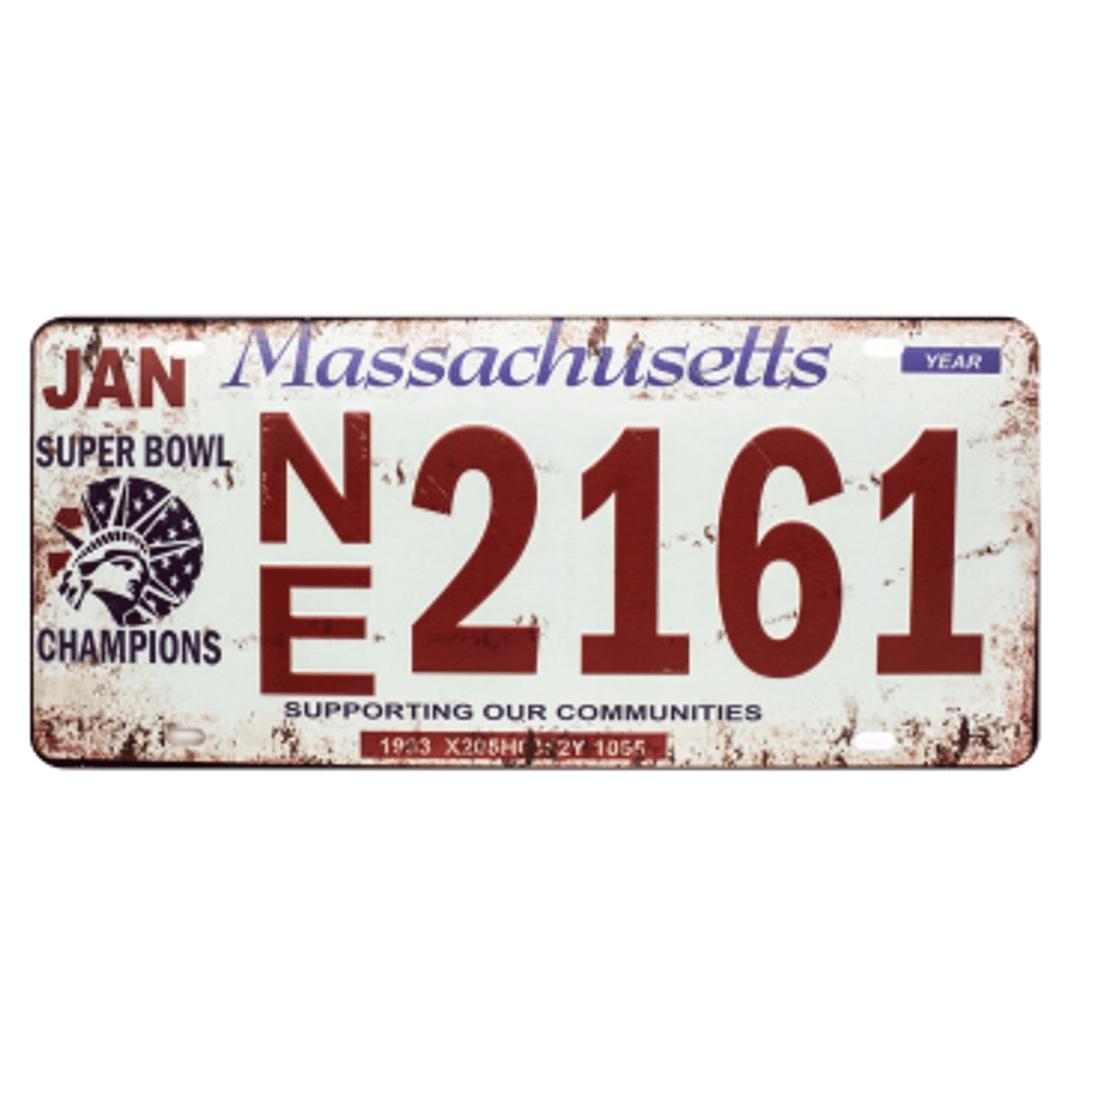 Placa-Carro-Massachusetts